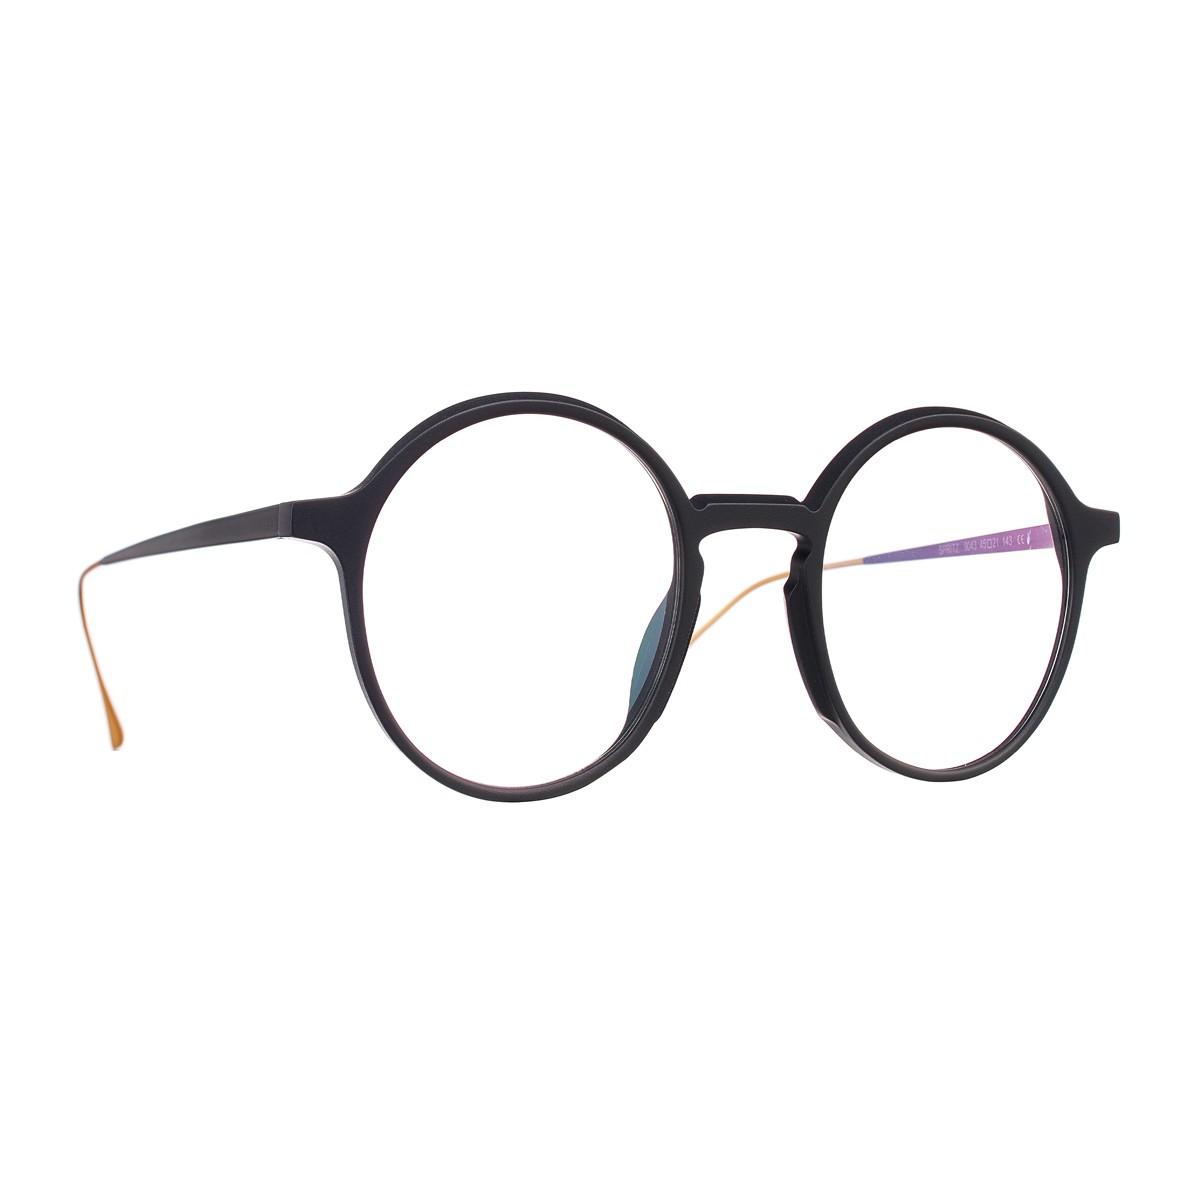 Talla Spritz   Men's eyeglasses